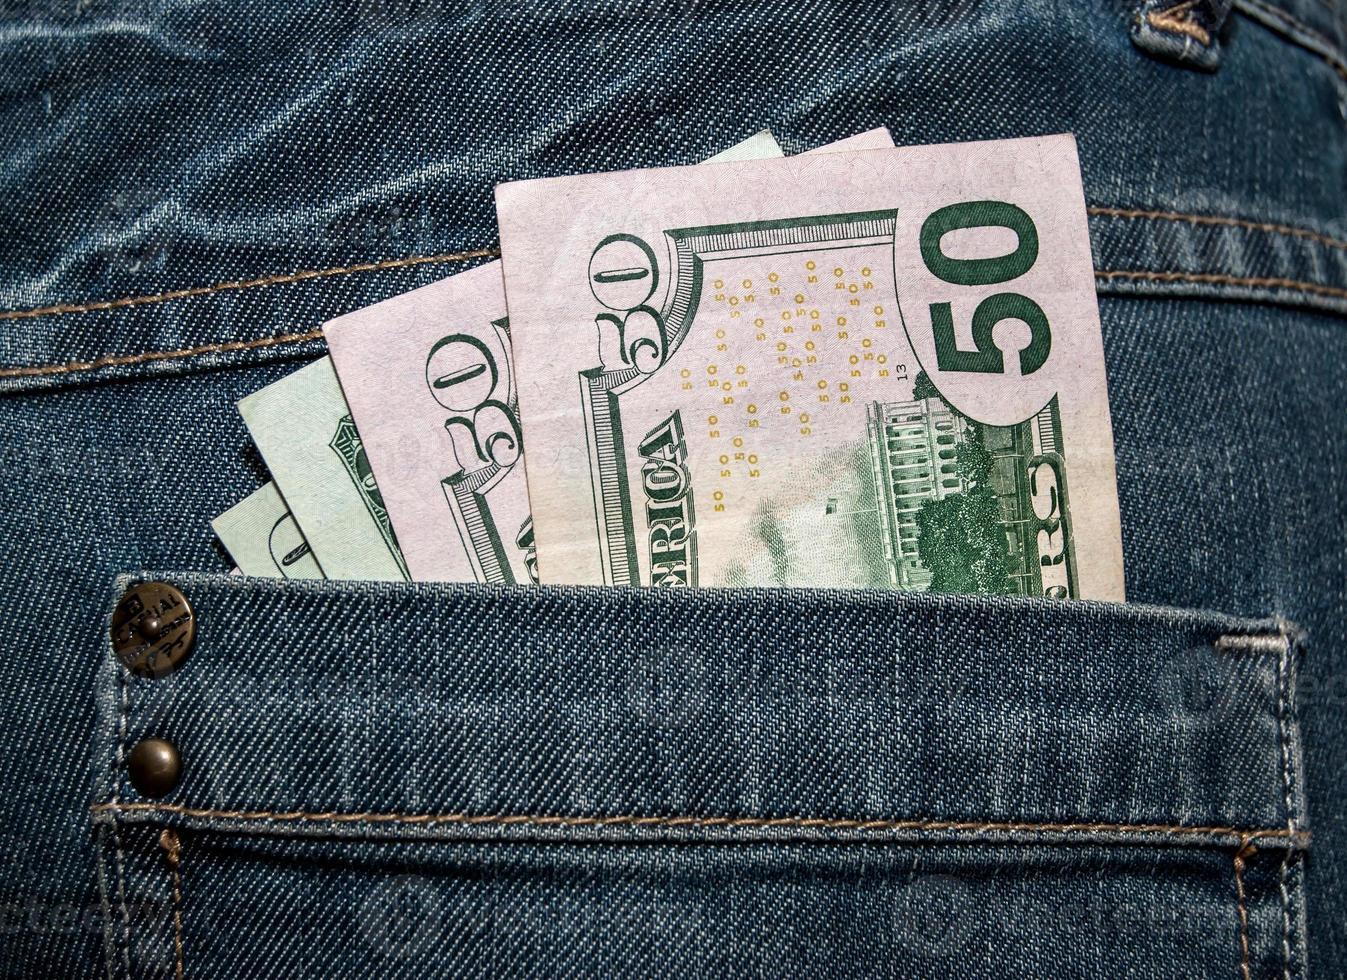 dólares estadounidenses en el bolsillo trasero de los jeans foto